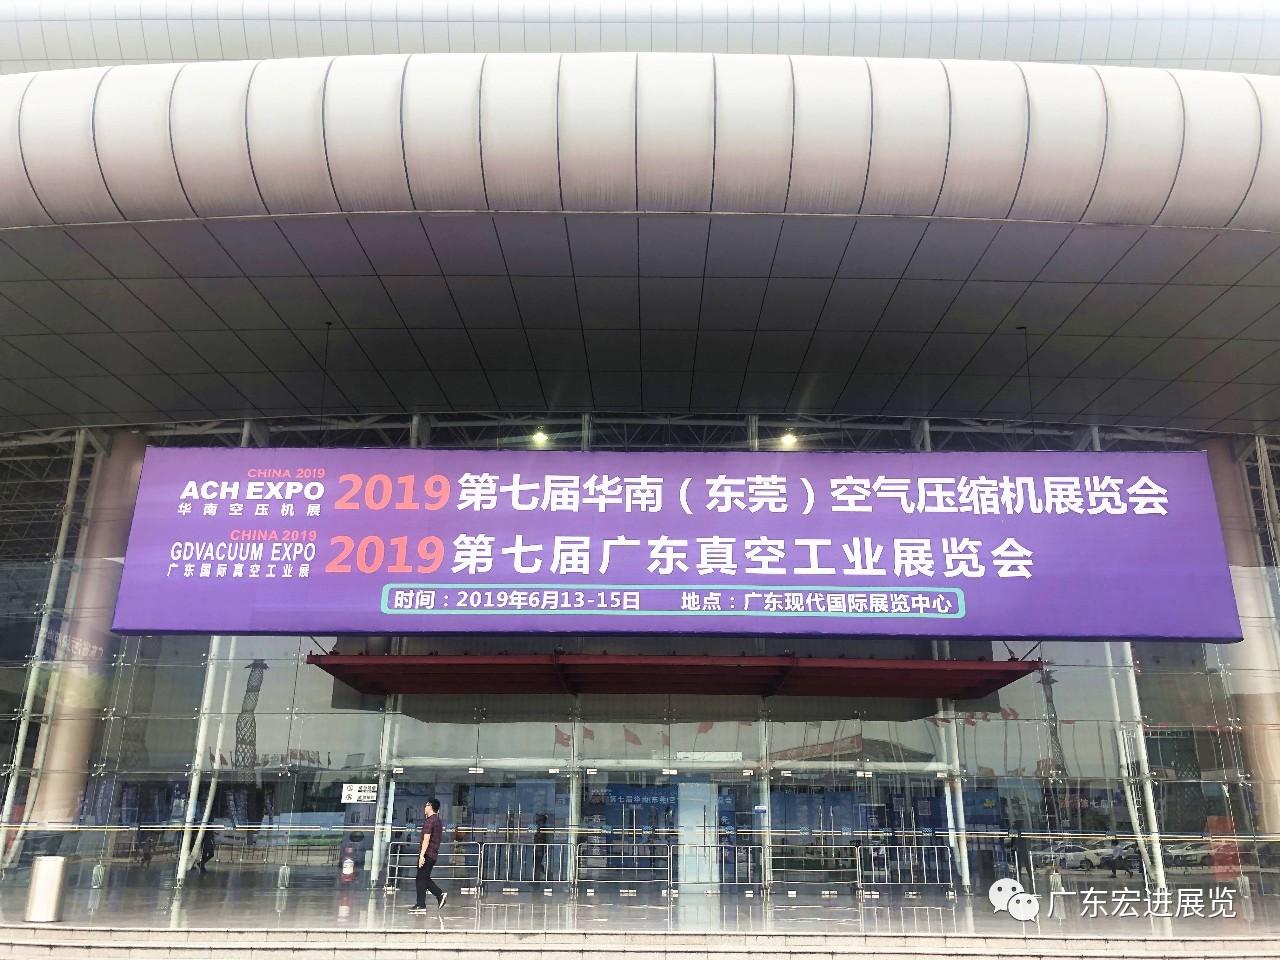 第七届华南空压机展览会今日开幕,引领高效节能新趋势!